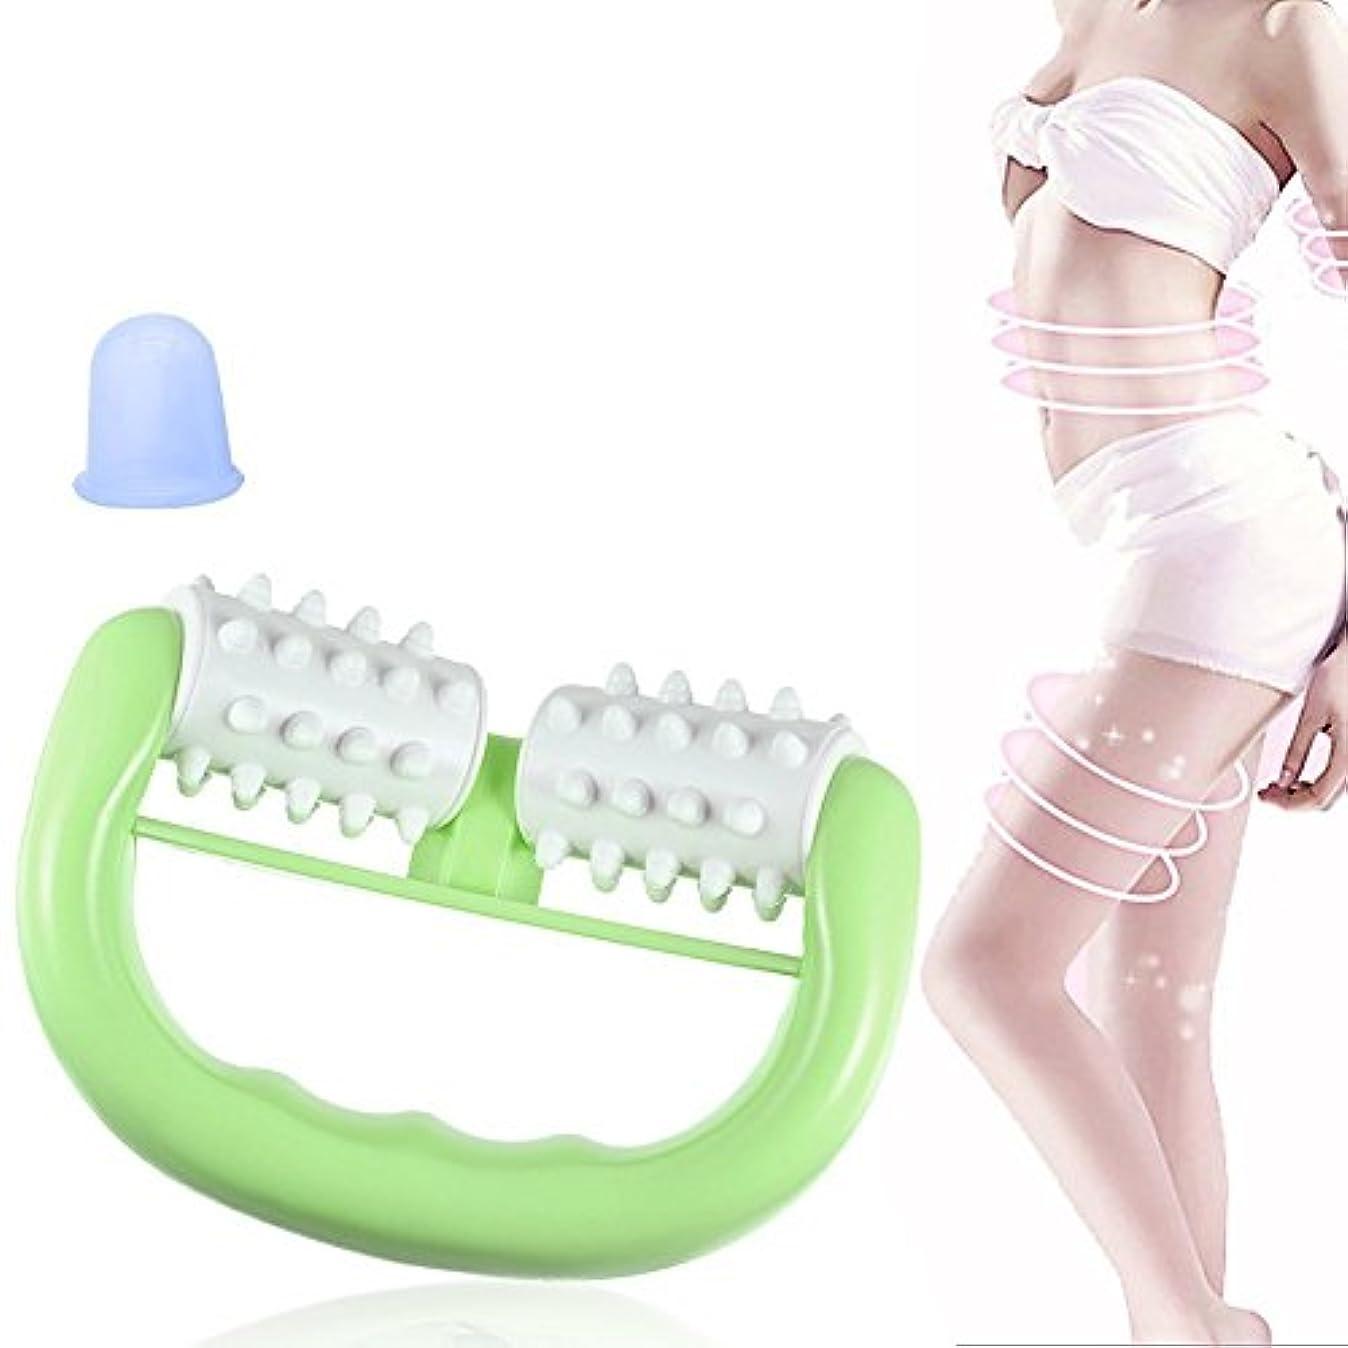 方法論高潔な批判的にマッサージローラー マッサージカップ 筋筋膜リリース ダイエットボディローラー ツボ 筋肉 マッサージ シリコン 吸い玉 カップ